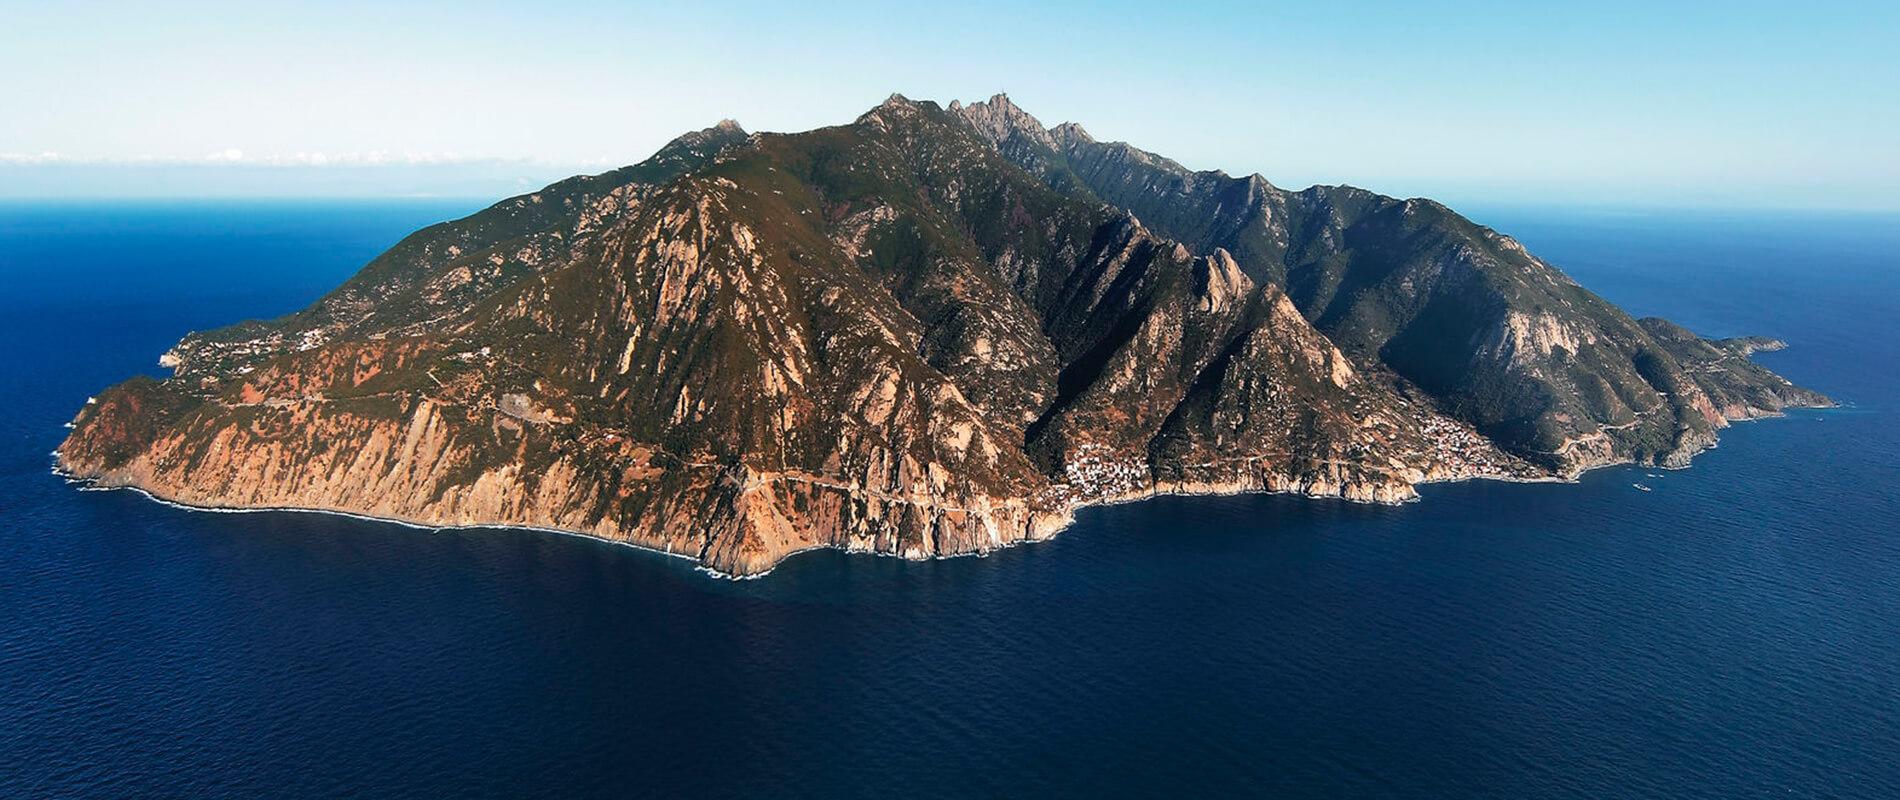 L'Isola di Montecristo, meraviglia proibita dell'Arcipelago Toscano